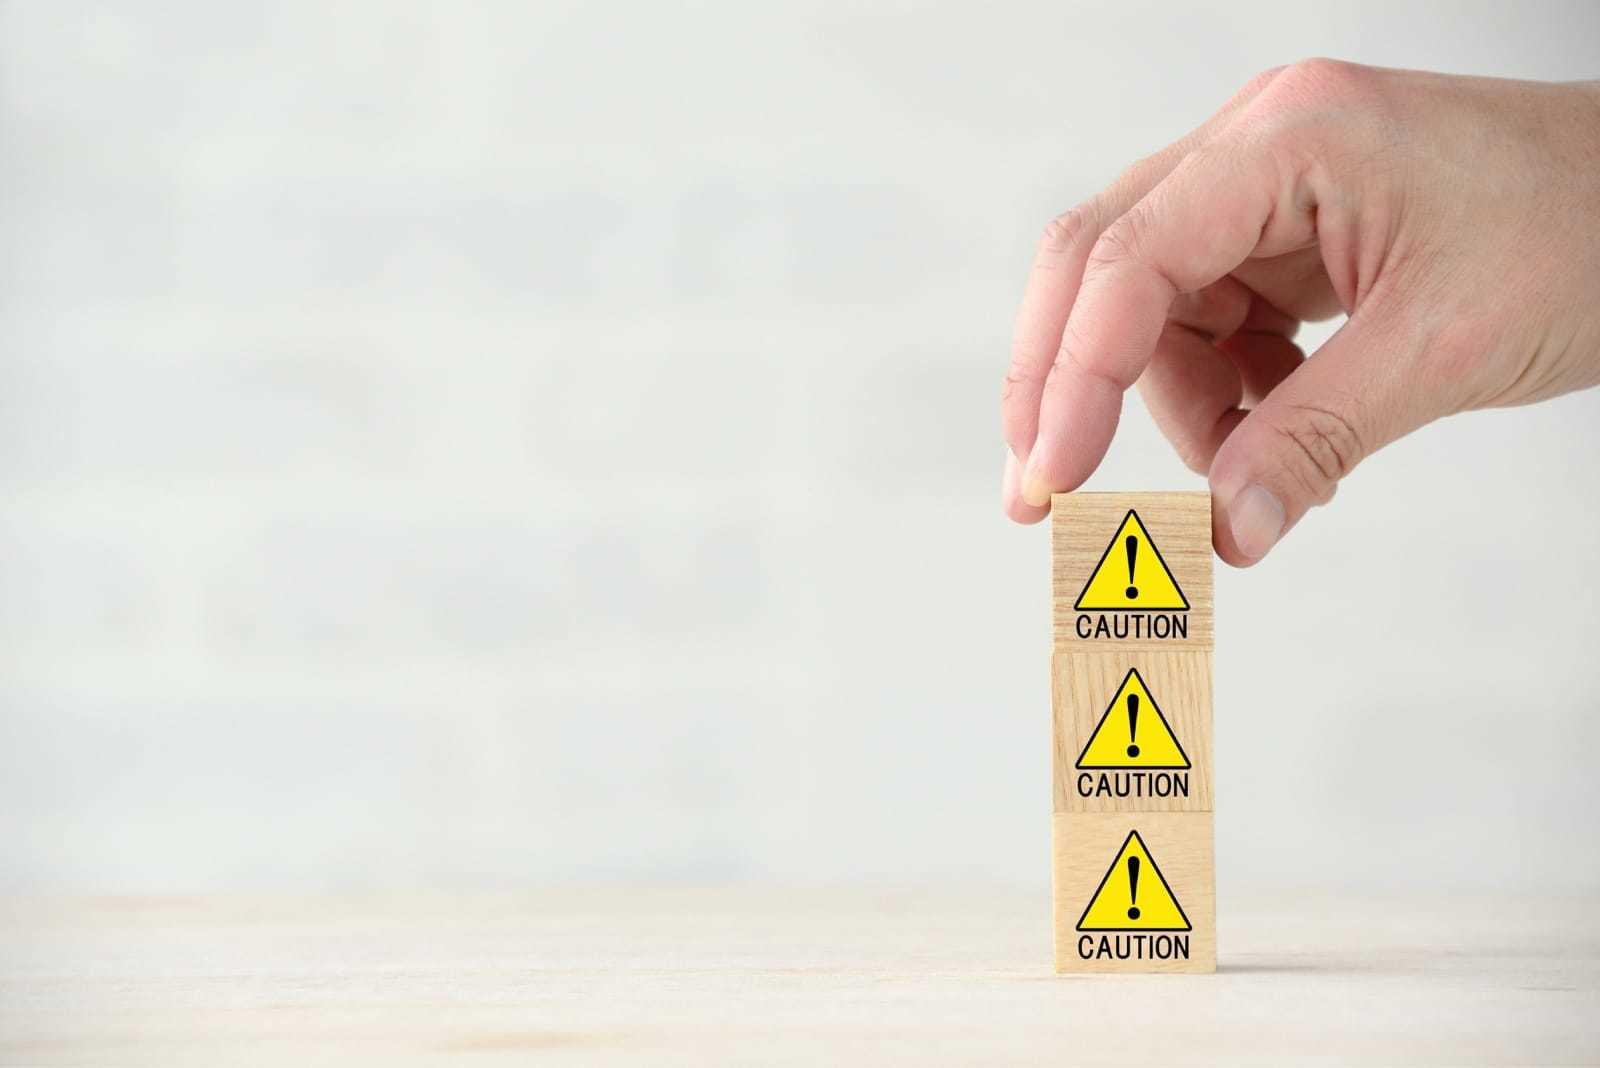 「CAUTION」ブロックが3つ積み上げられる様子